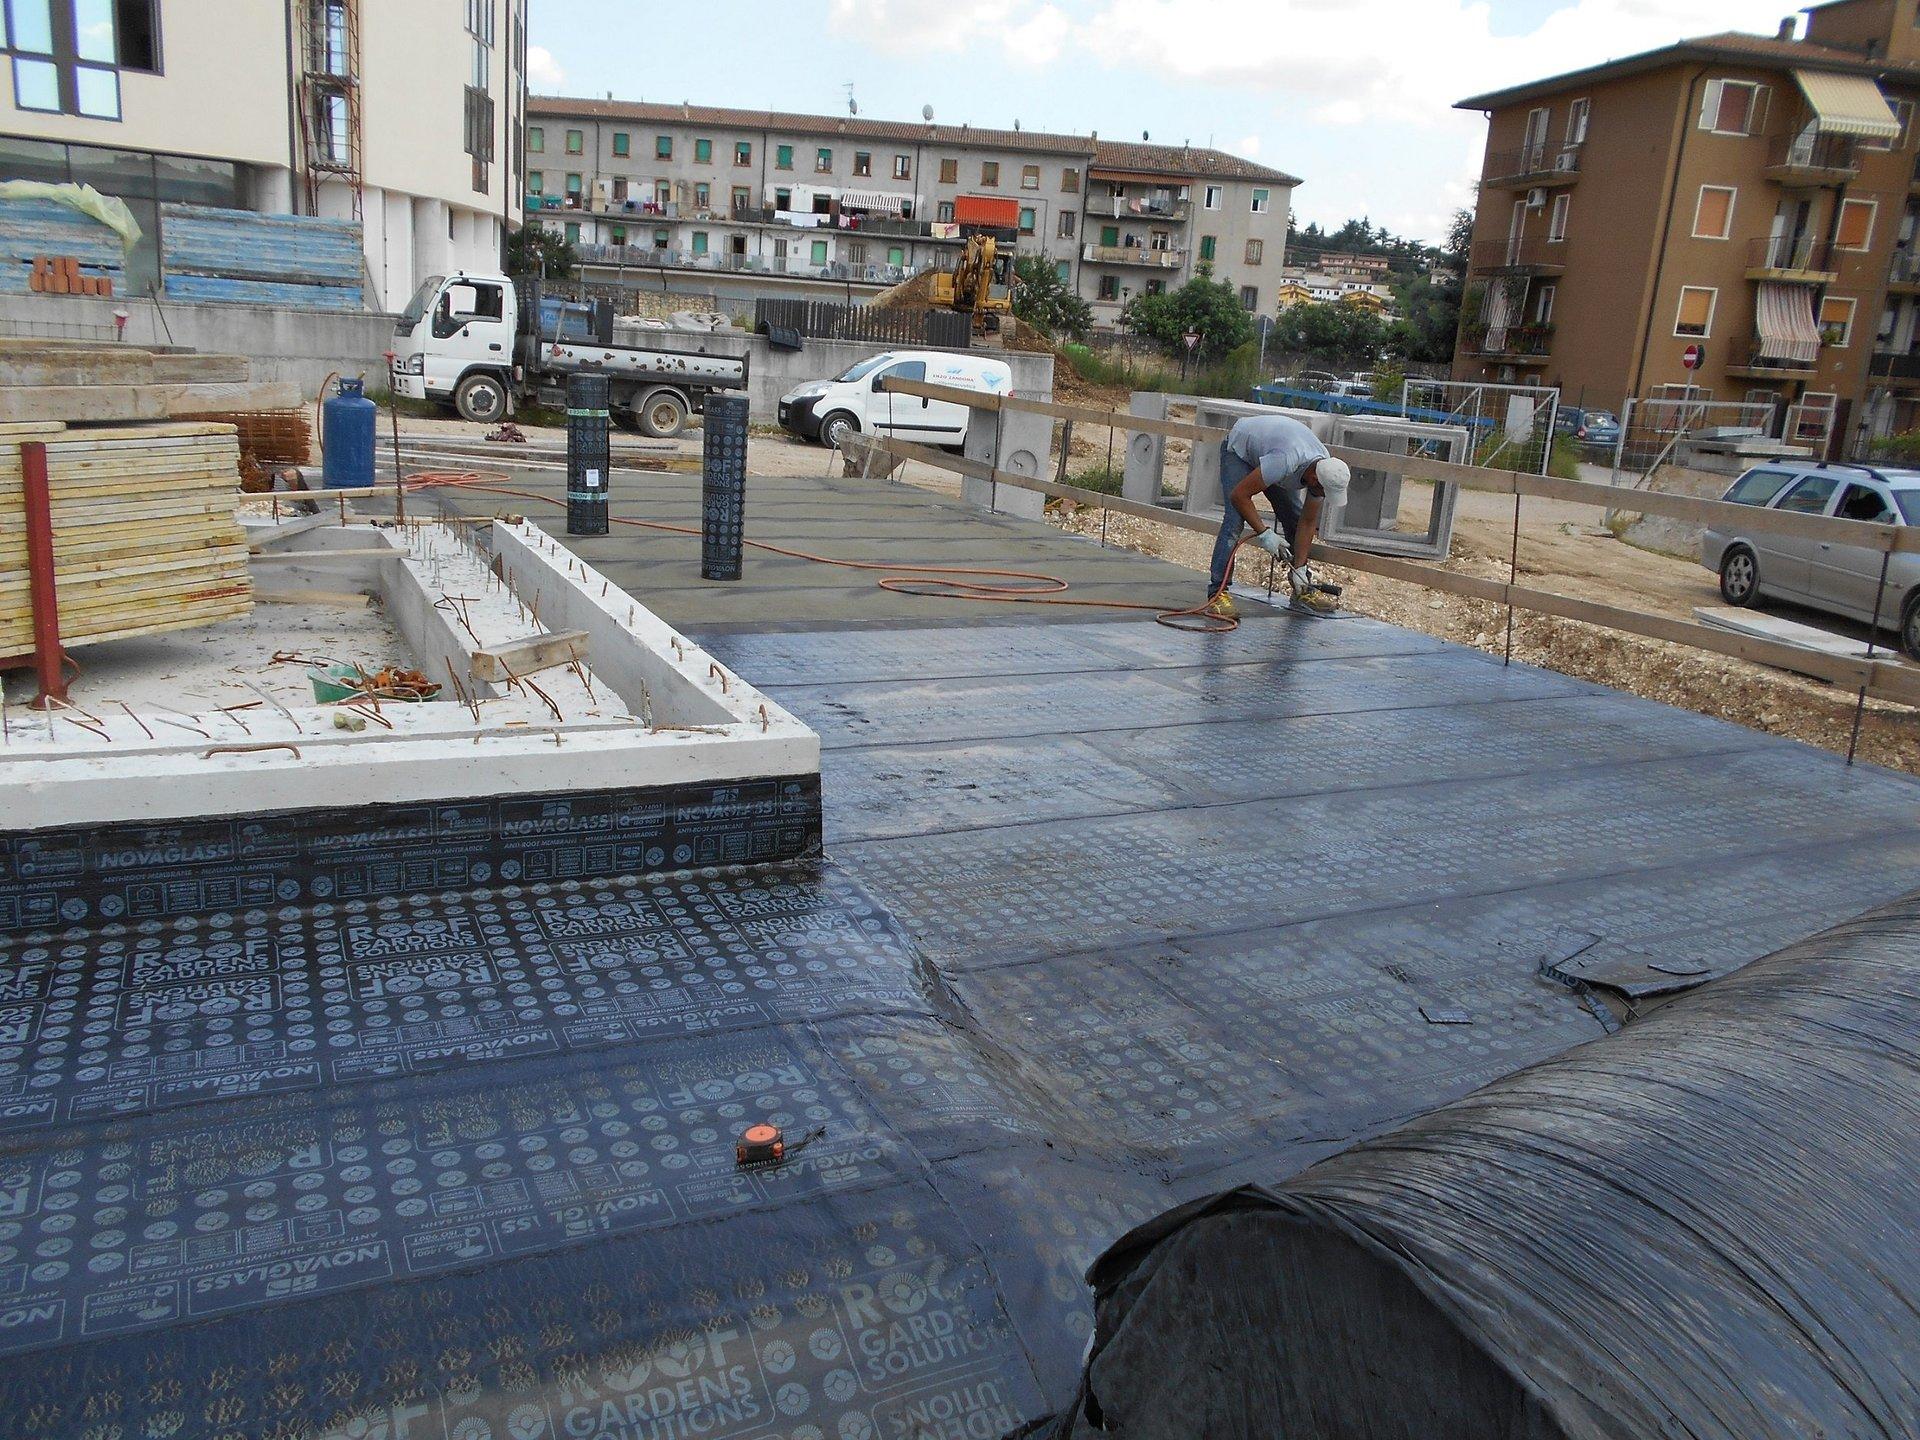 un uomo chinato in avanti al lavoro in un'area di lavori in corso e del tessuto impermeabilizzato sulla struttura